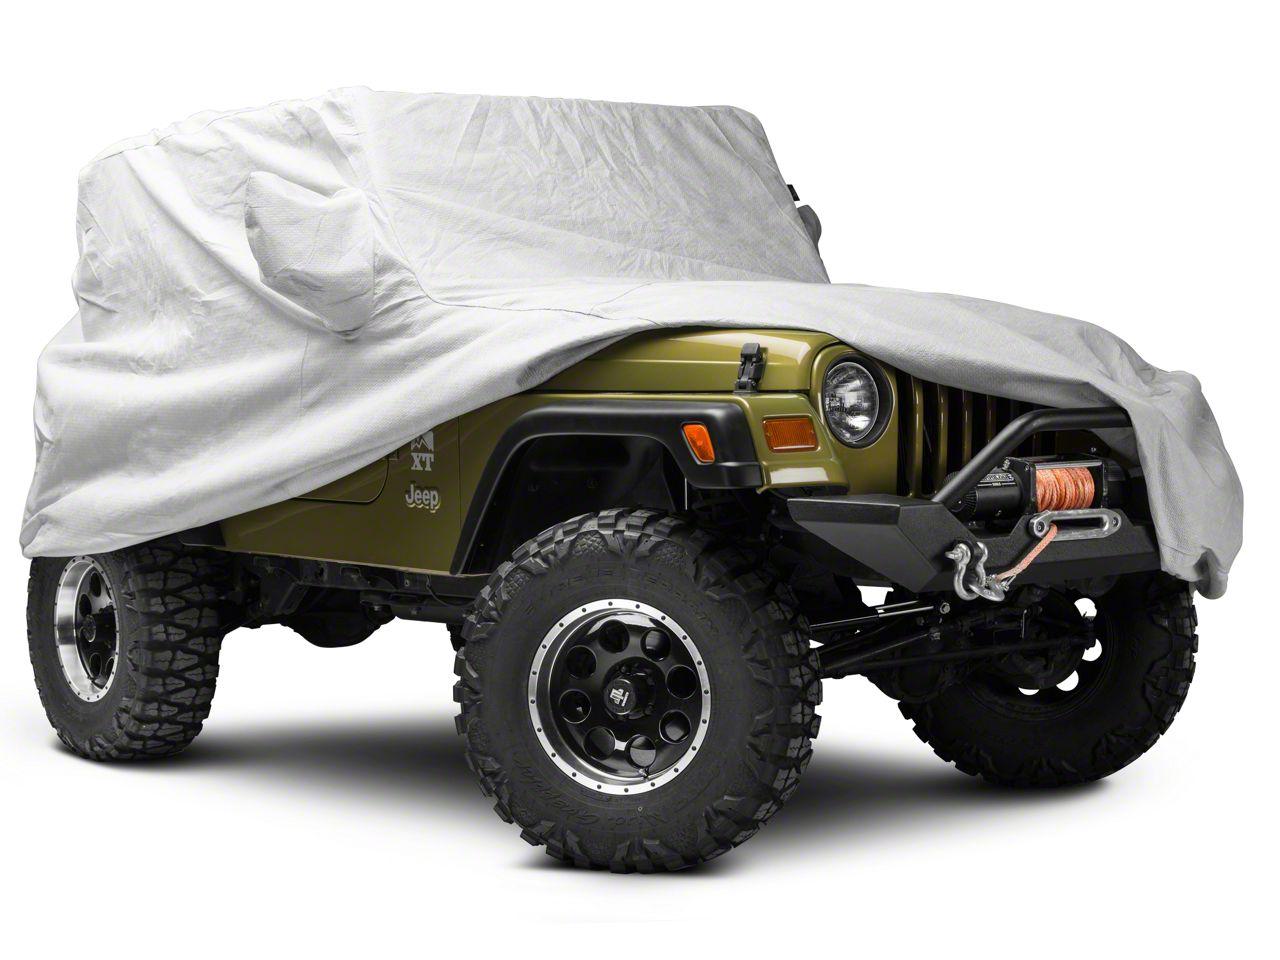 Covercraft Premium Custom-Fit Car Cover - Gray (97-06 Jeep Wrangler TJ)